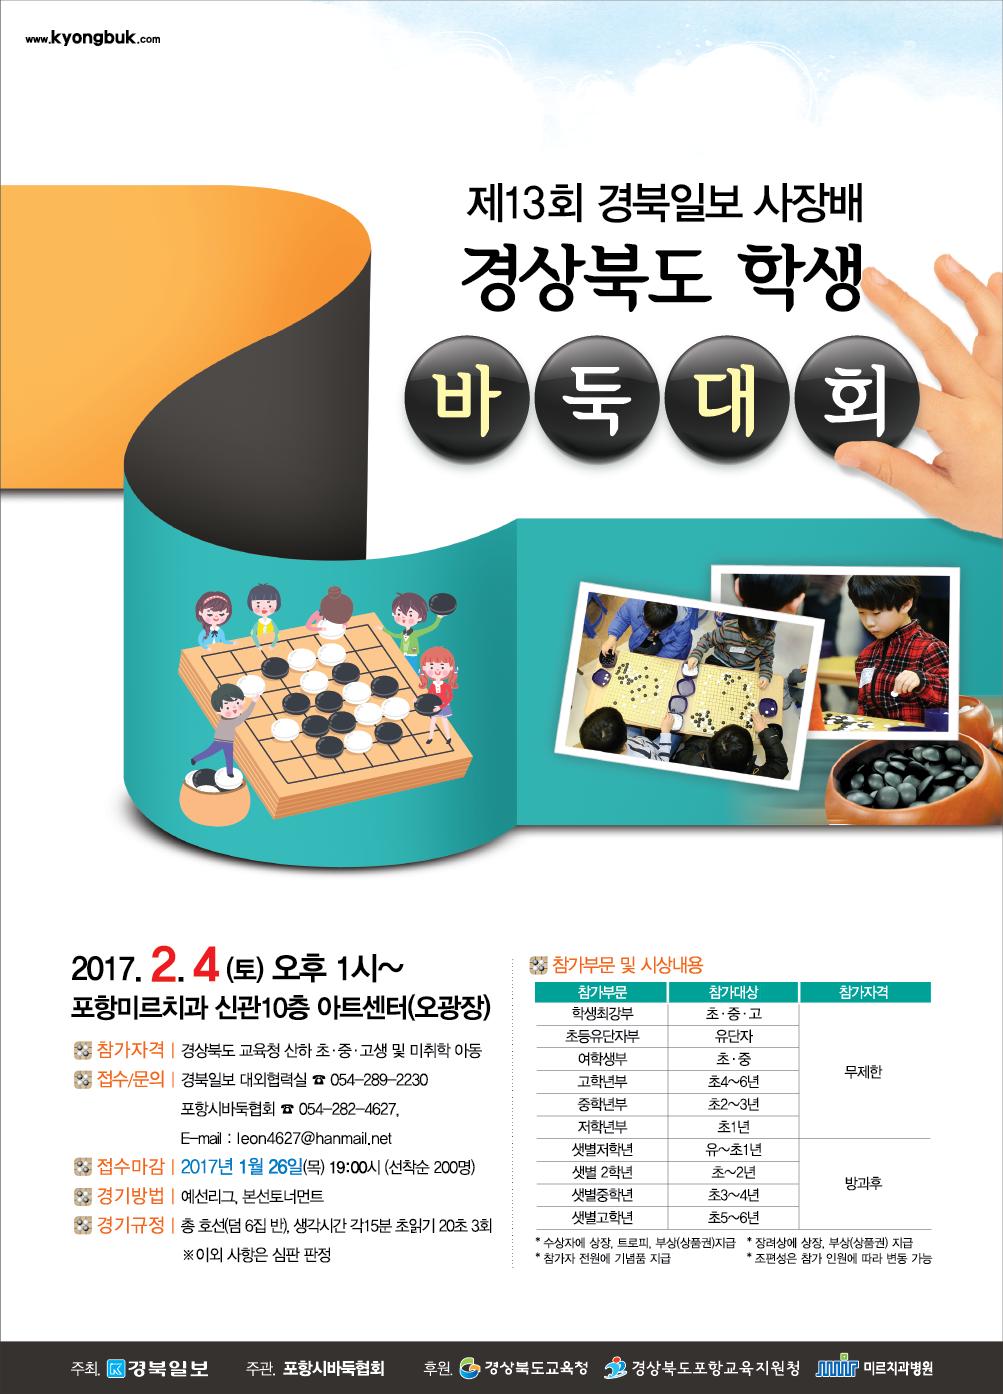 2017_제13회 경북일보사장배 경상북도 학생바둑대회.png